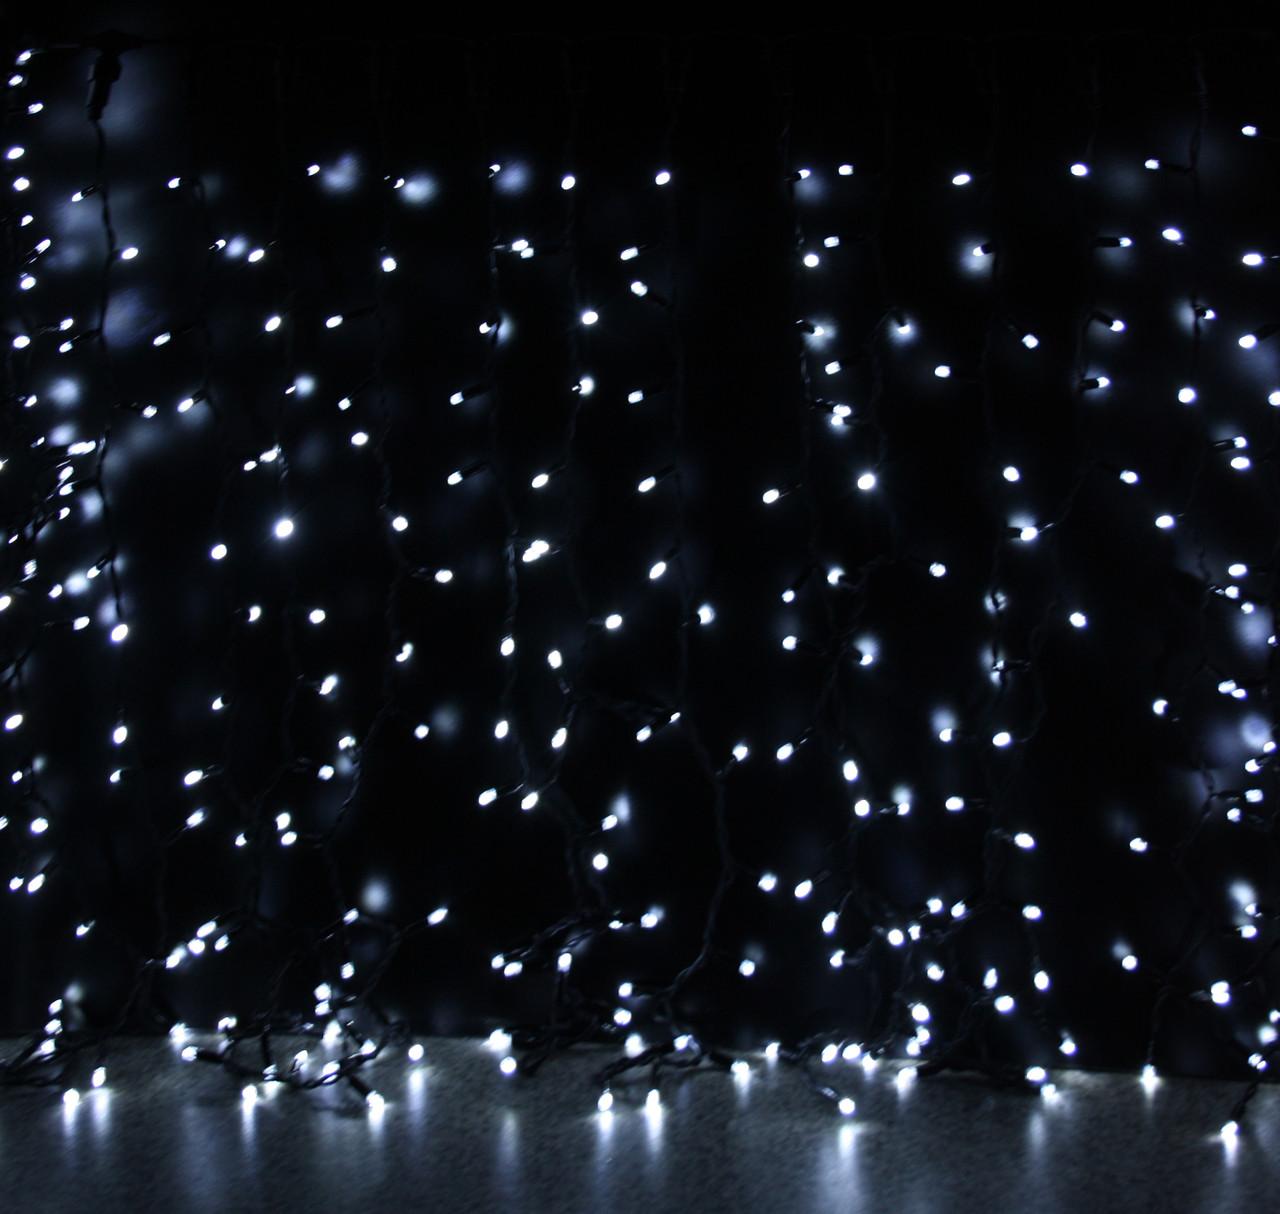 Уличная светодиодная гирлянда Штора Lumion Curtain (2053-DE) 912 led наружная цвет белый холодный